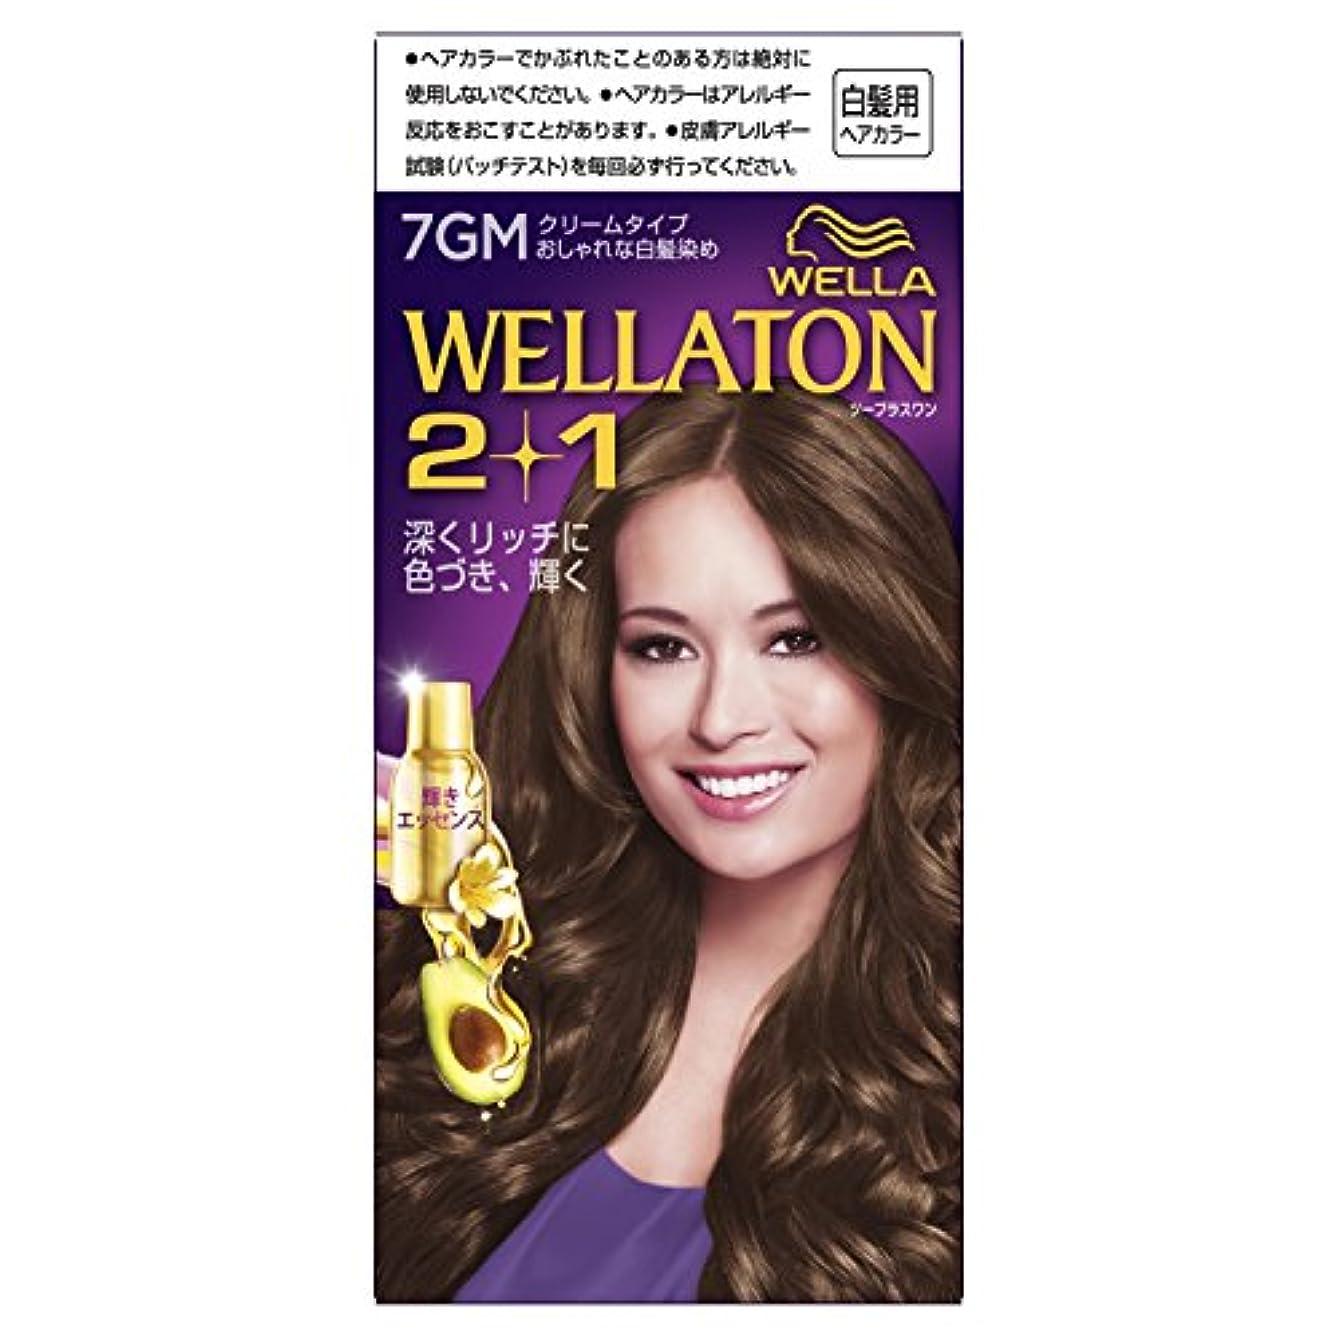 一流横たわる簡単なウエラトーン2+1 クリームタイプ 7GM [医薬部外品](おしゃれな白髪染め)